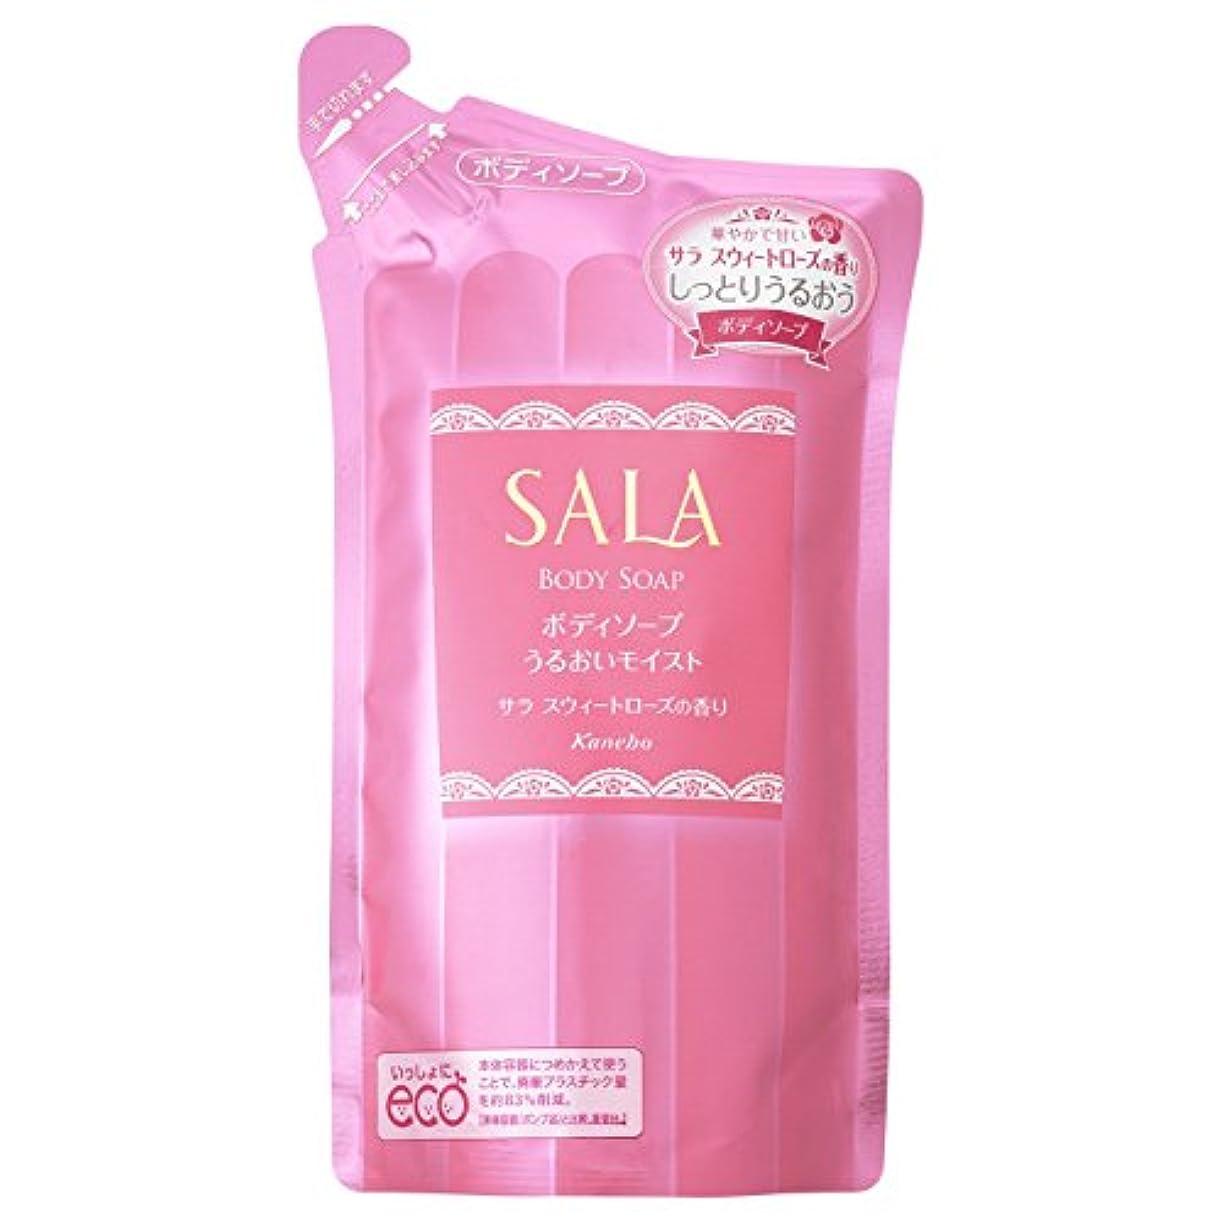 デコラティブ増強するティーンエイジャーサラ ボディソープ うるおいモイスト つめかえ用 サラスウィートローズの香り